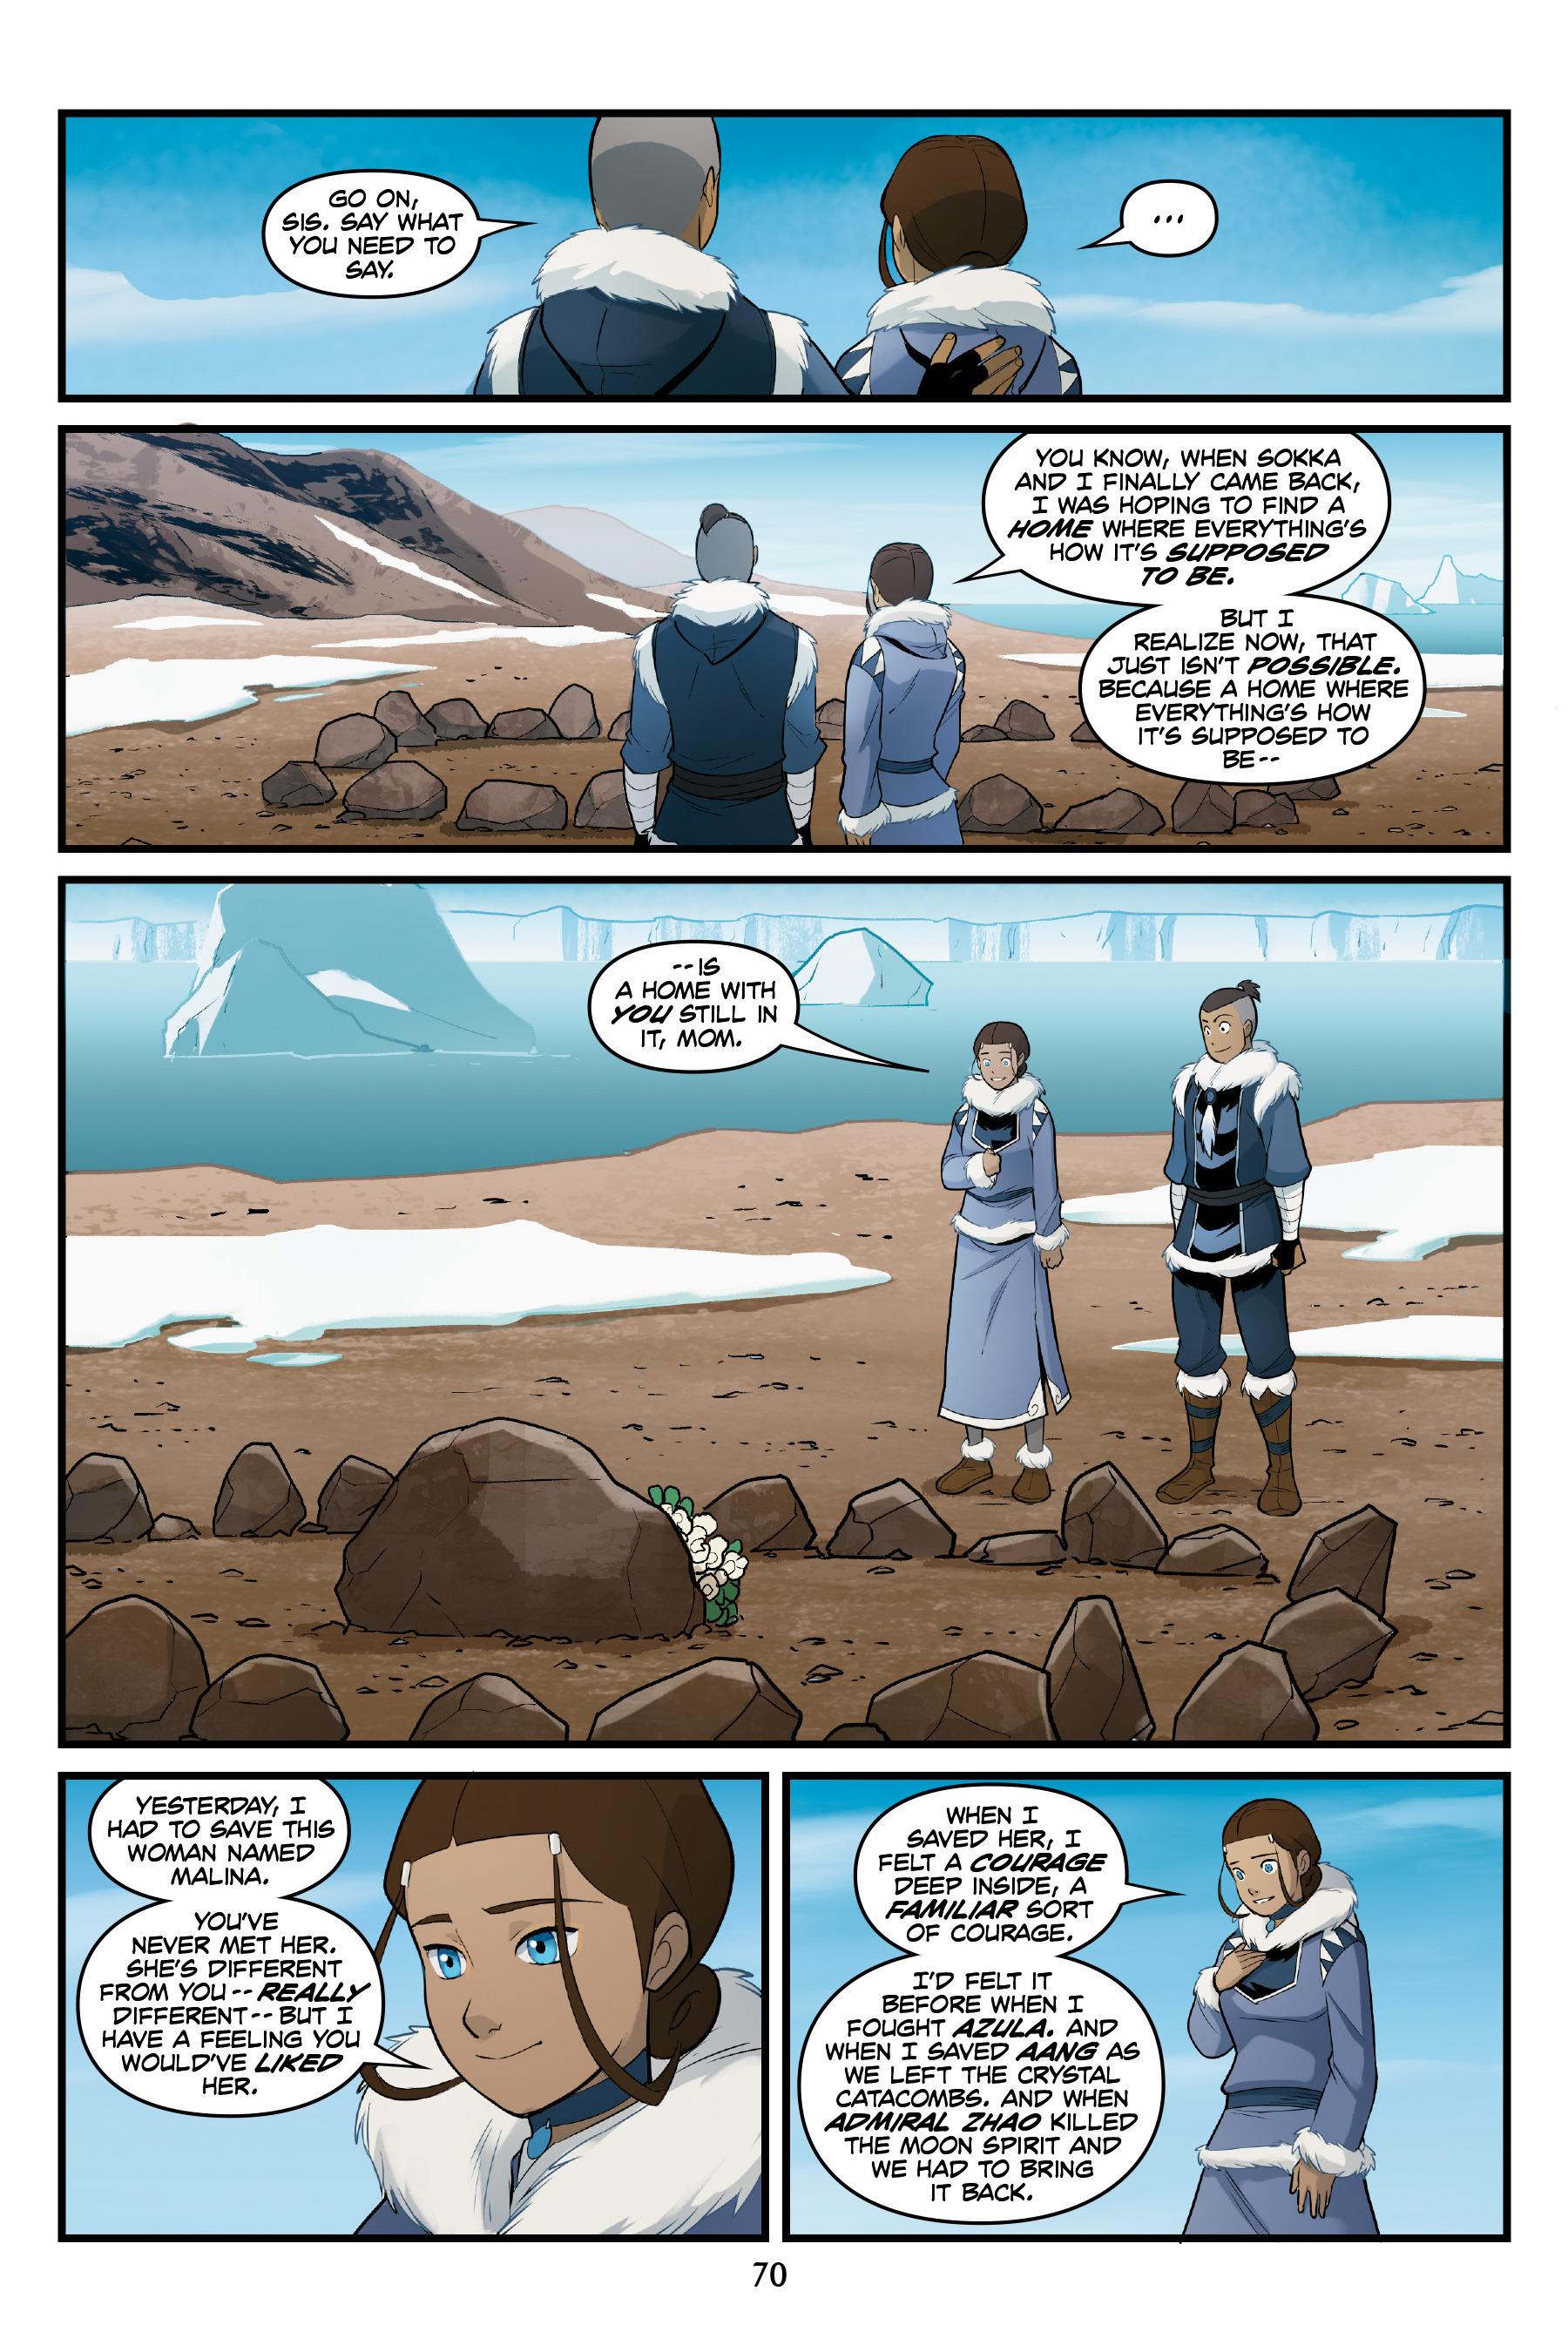 阿凡达:最后的气宗 - 北方和南方: Chapter 3 - Page 阿凡达:最后的气宗 - 北方和南方